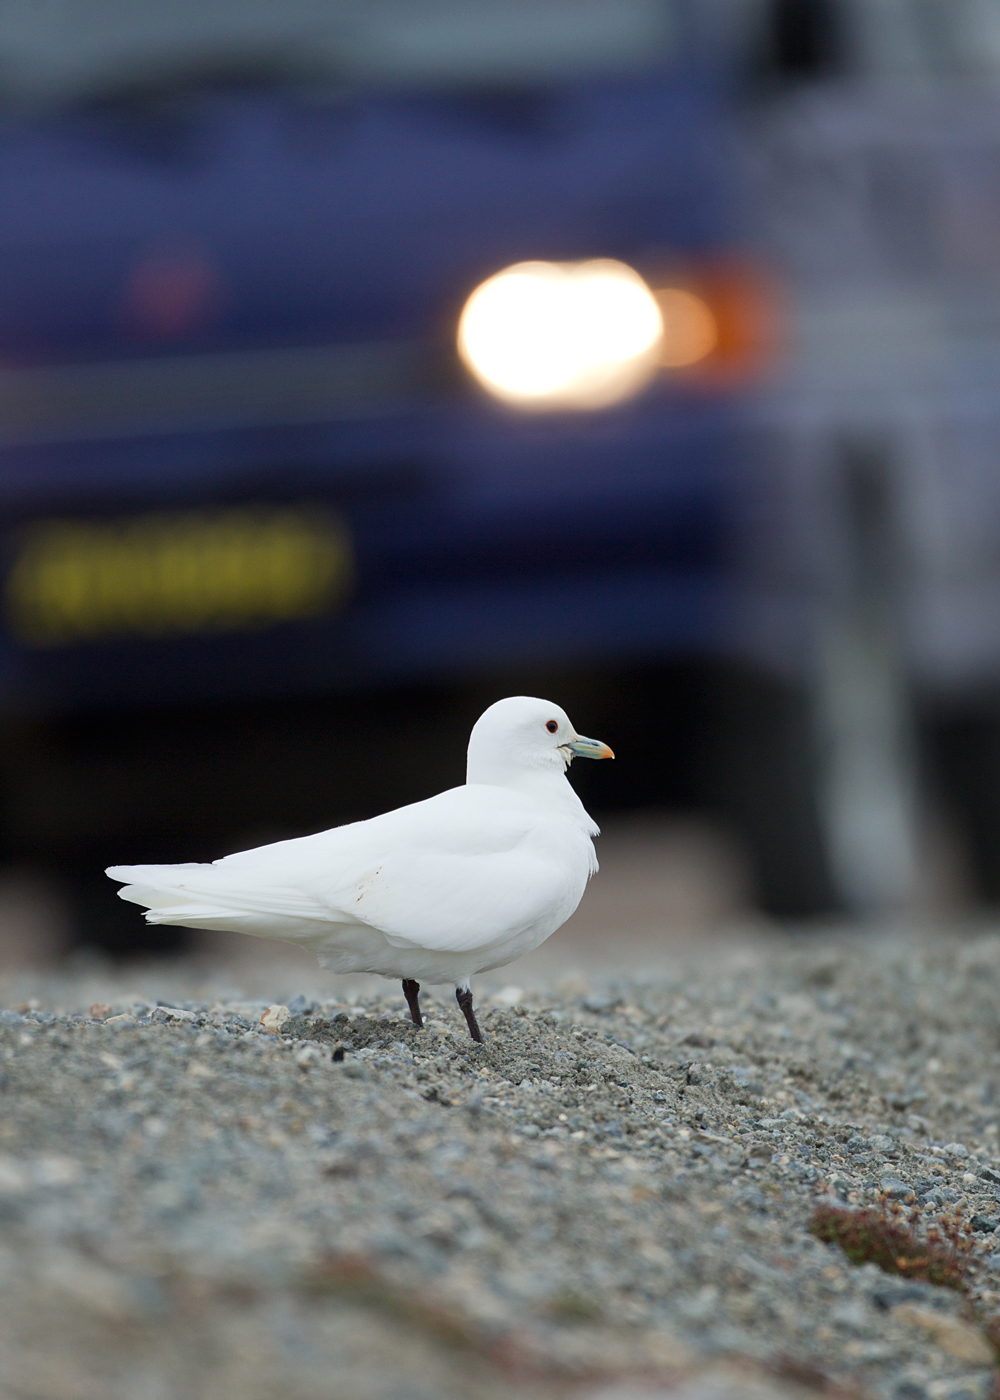 Ivory Gull in headlights, Ny Ålesund Jul 2012